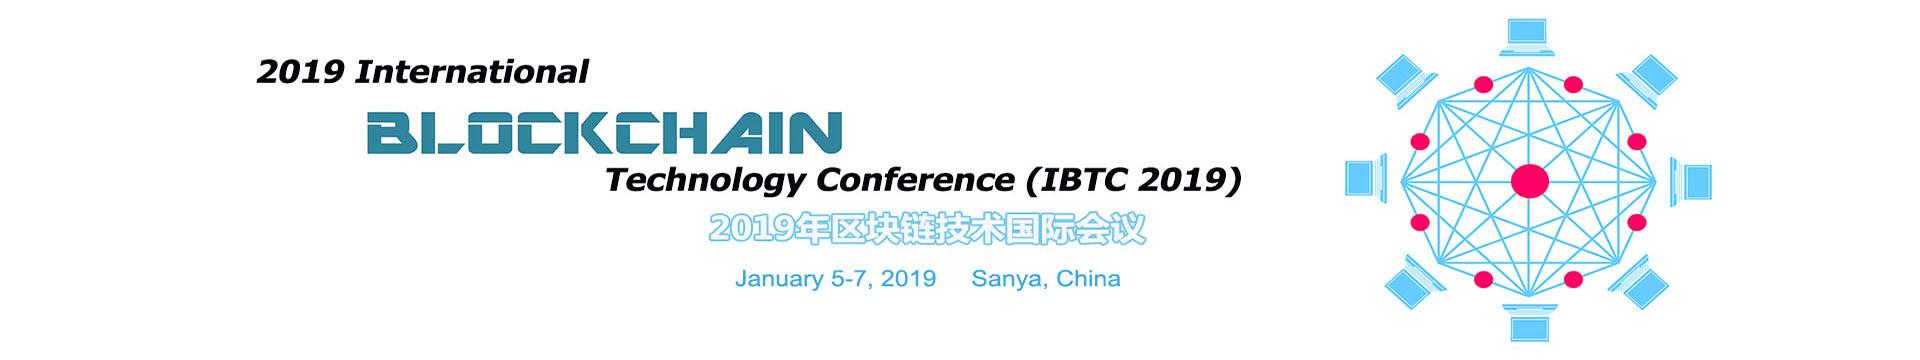 2019年区块链技术大会(IBTC 2019)